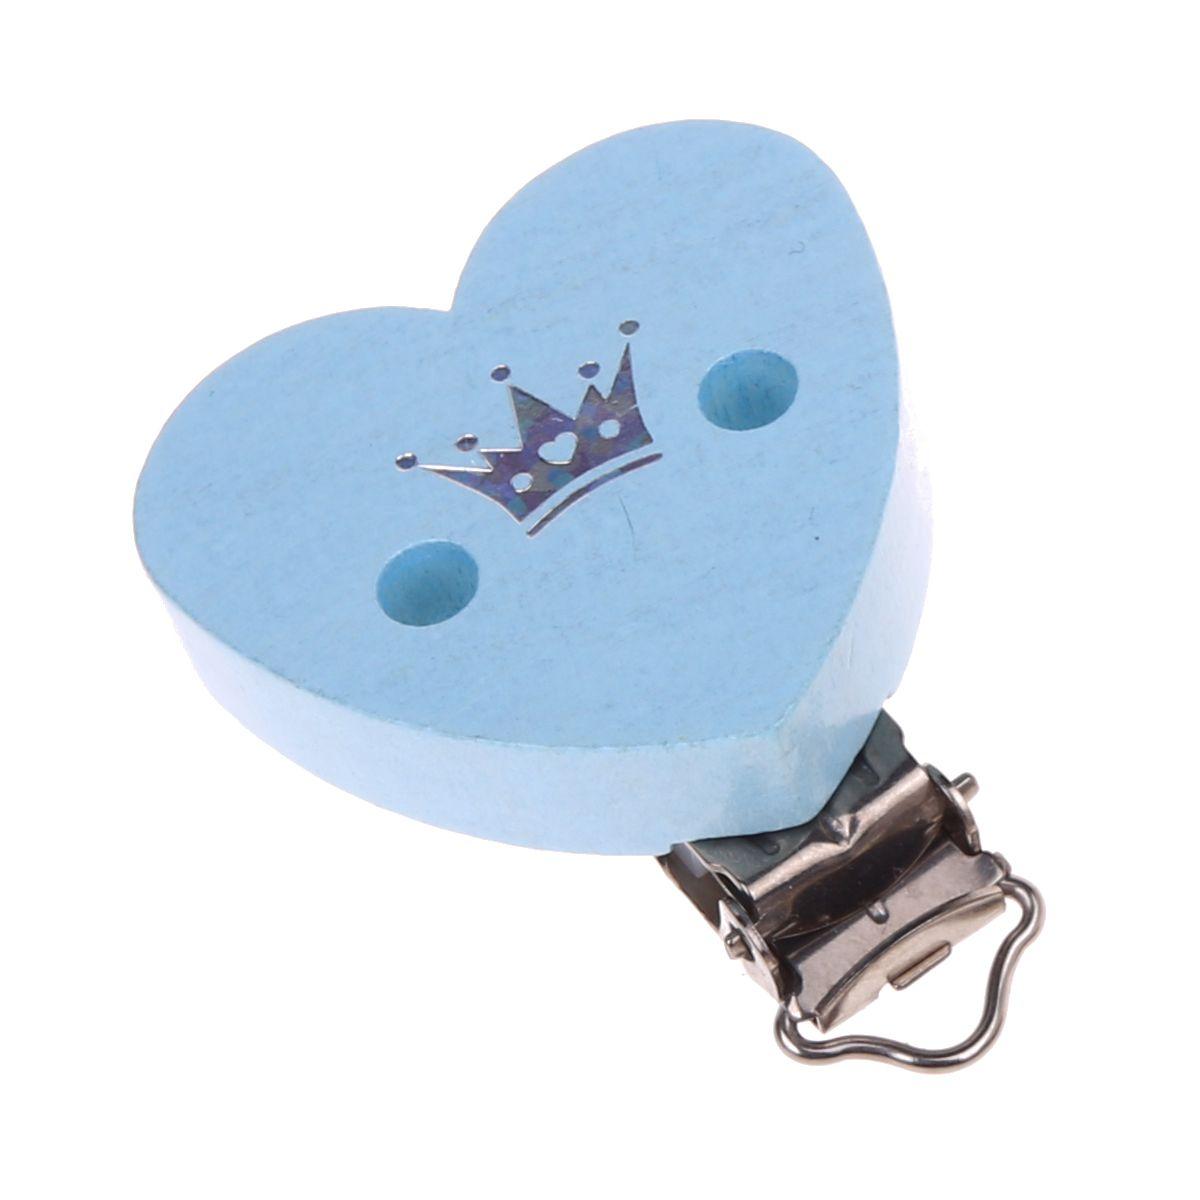 Herzclip Glitzerkrone 'babyblau' 462 auf Lager